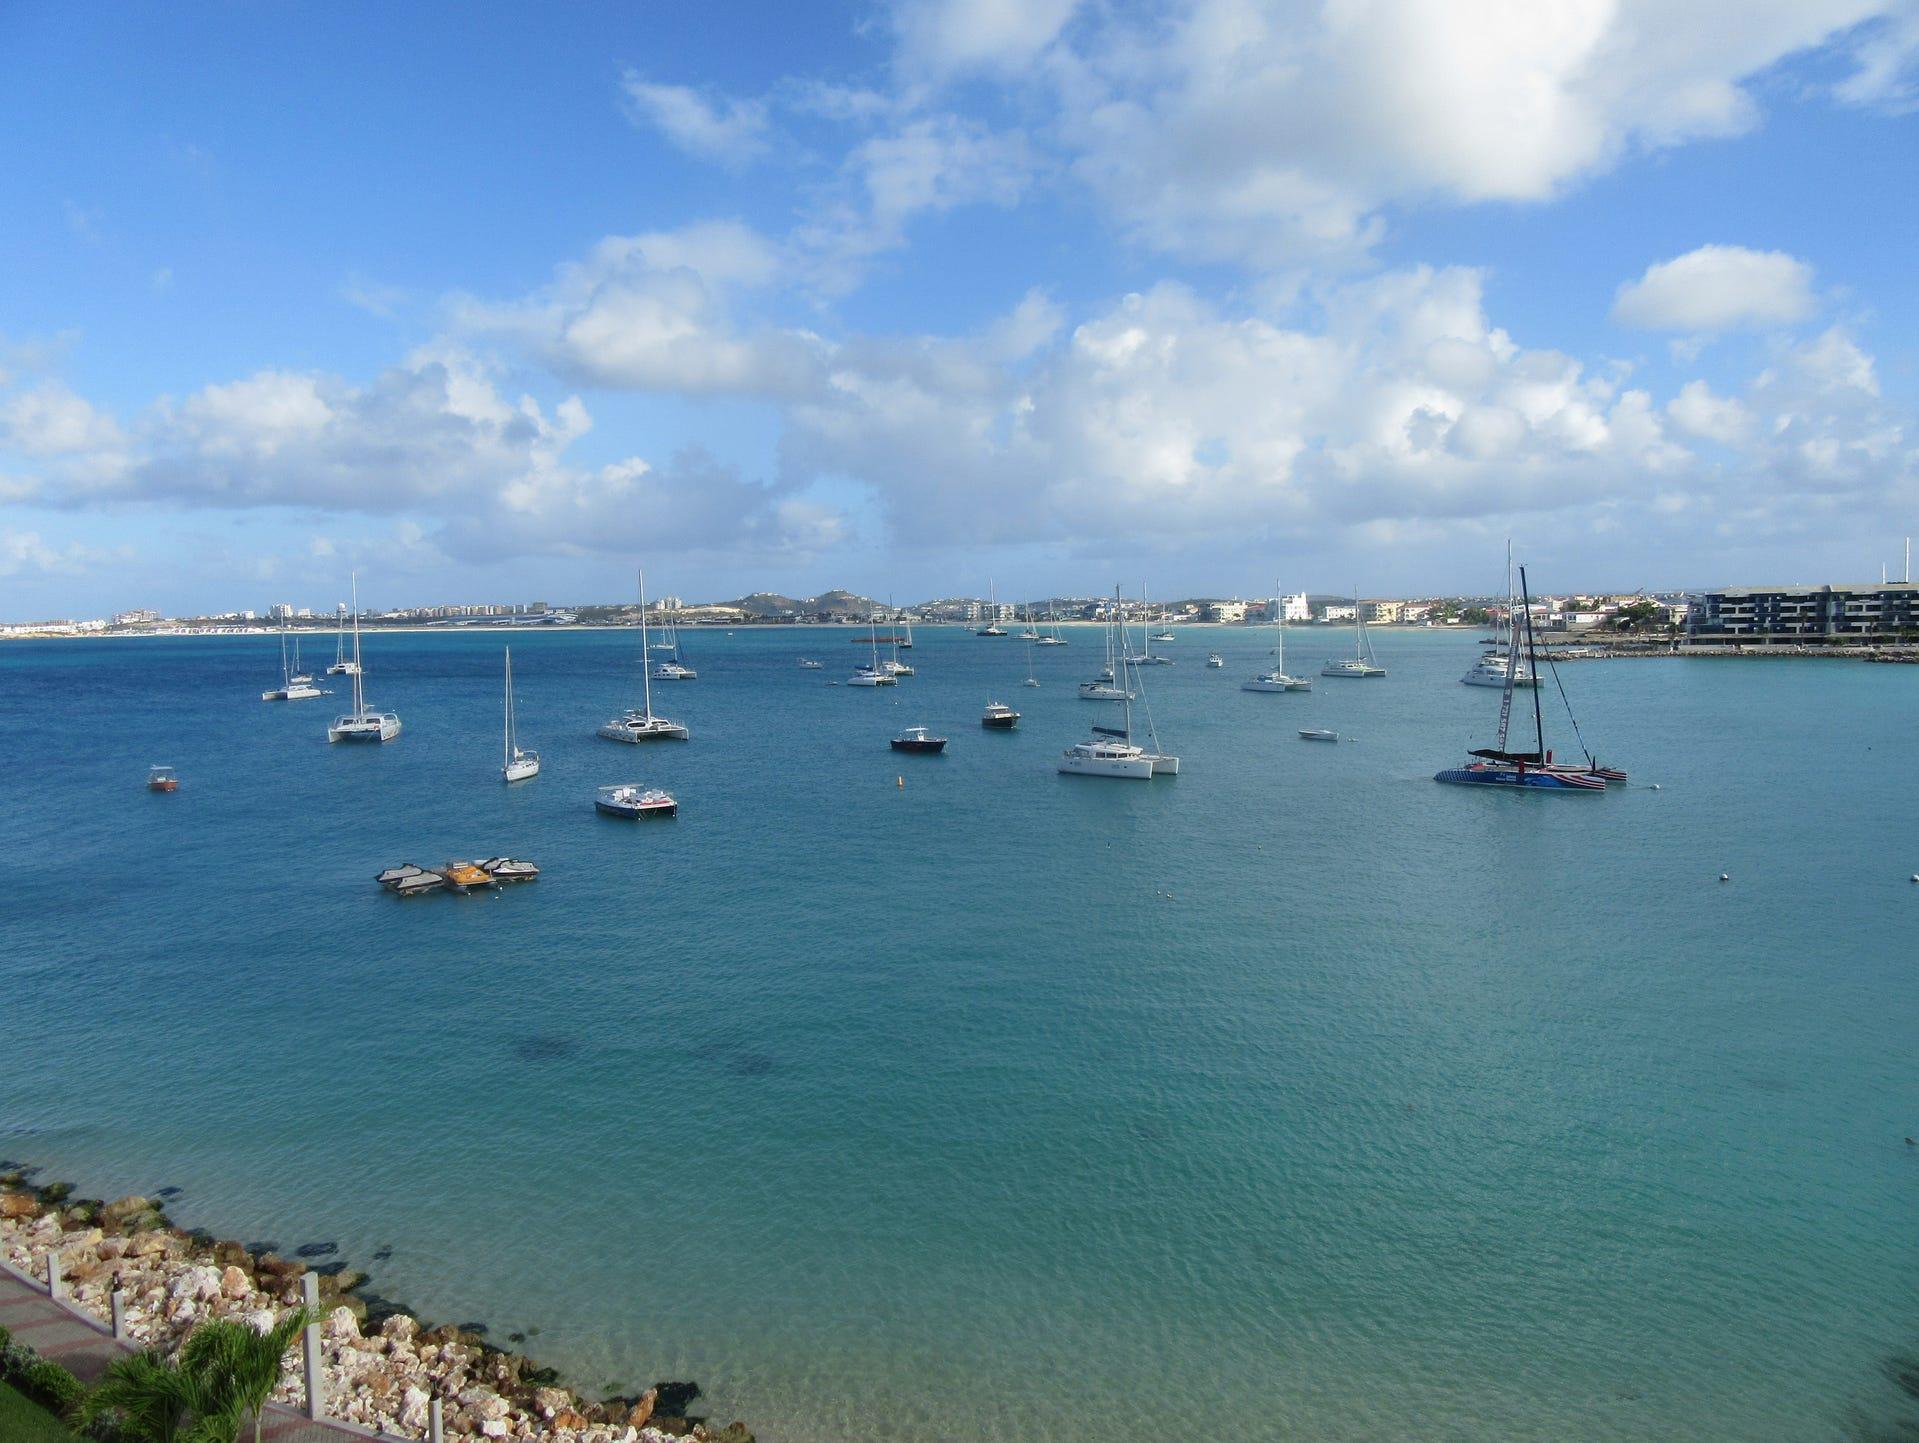 Ocean views from the Simpson Bay Resort in St. Maarten.